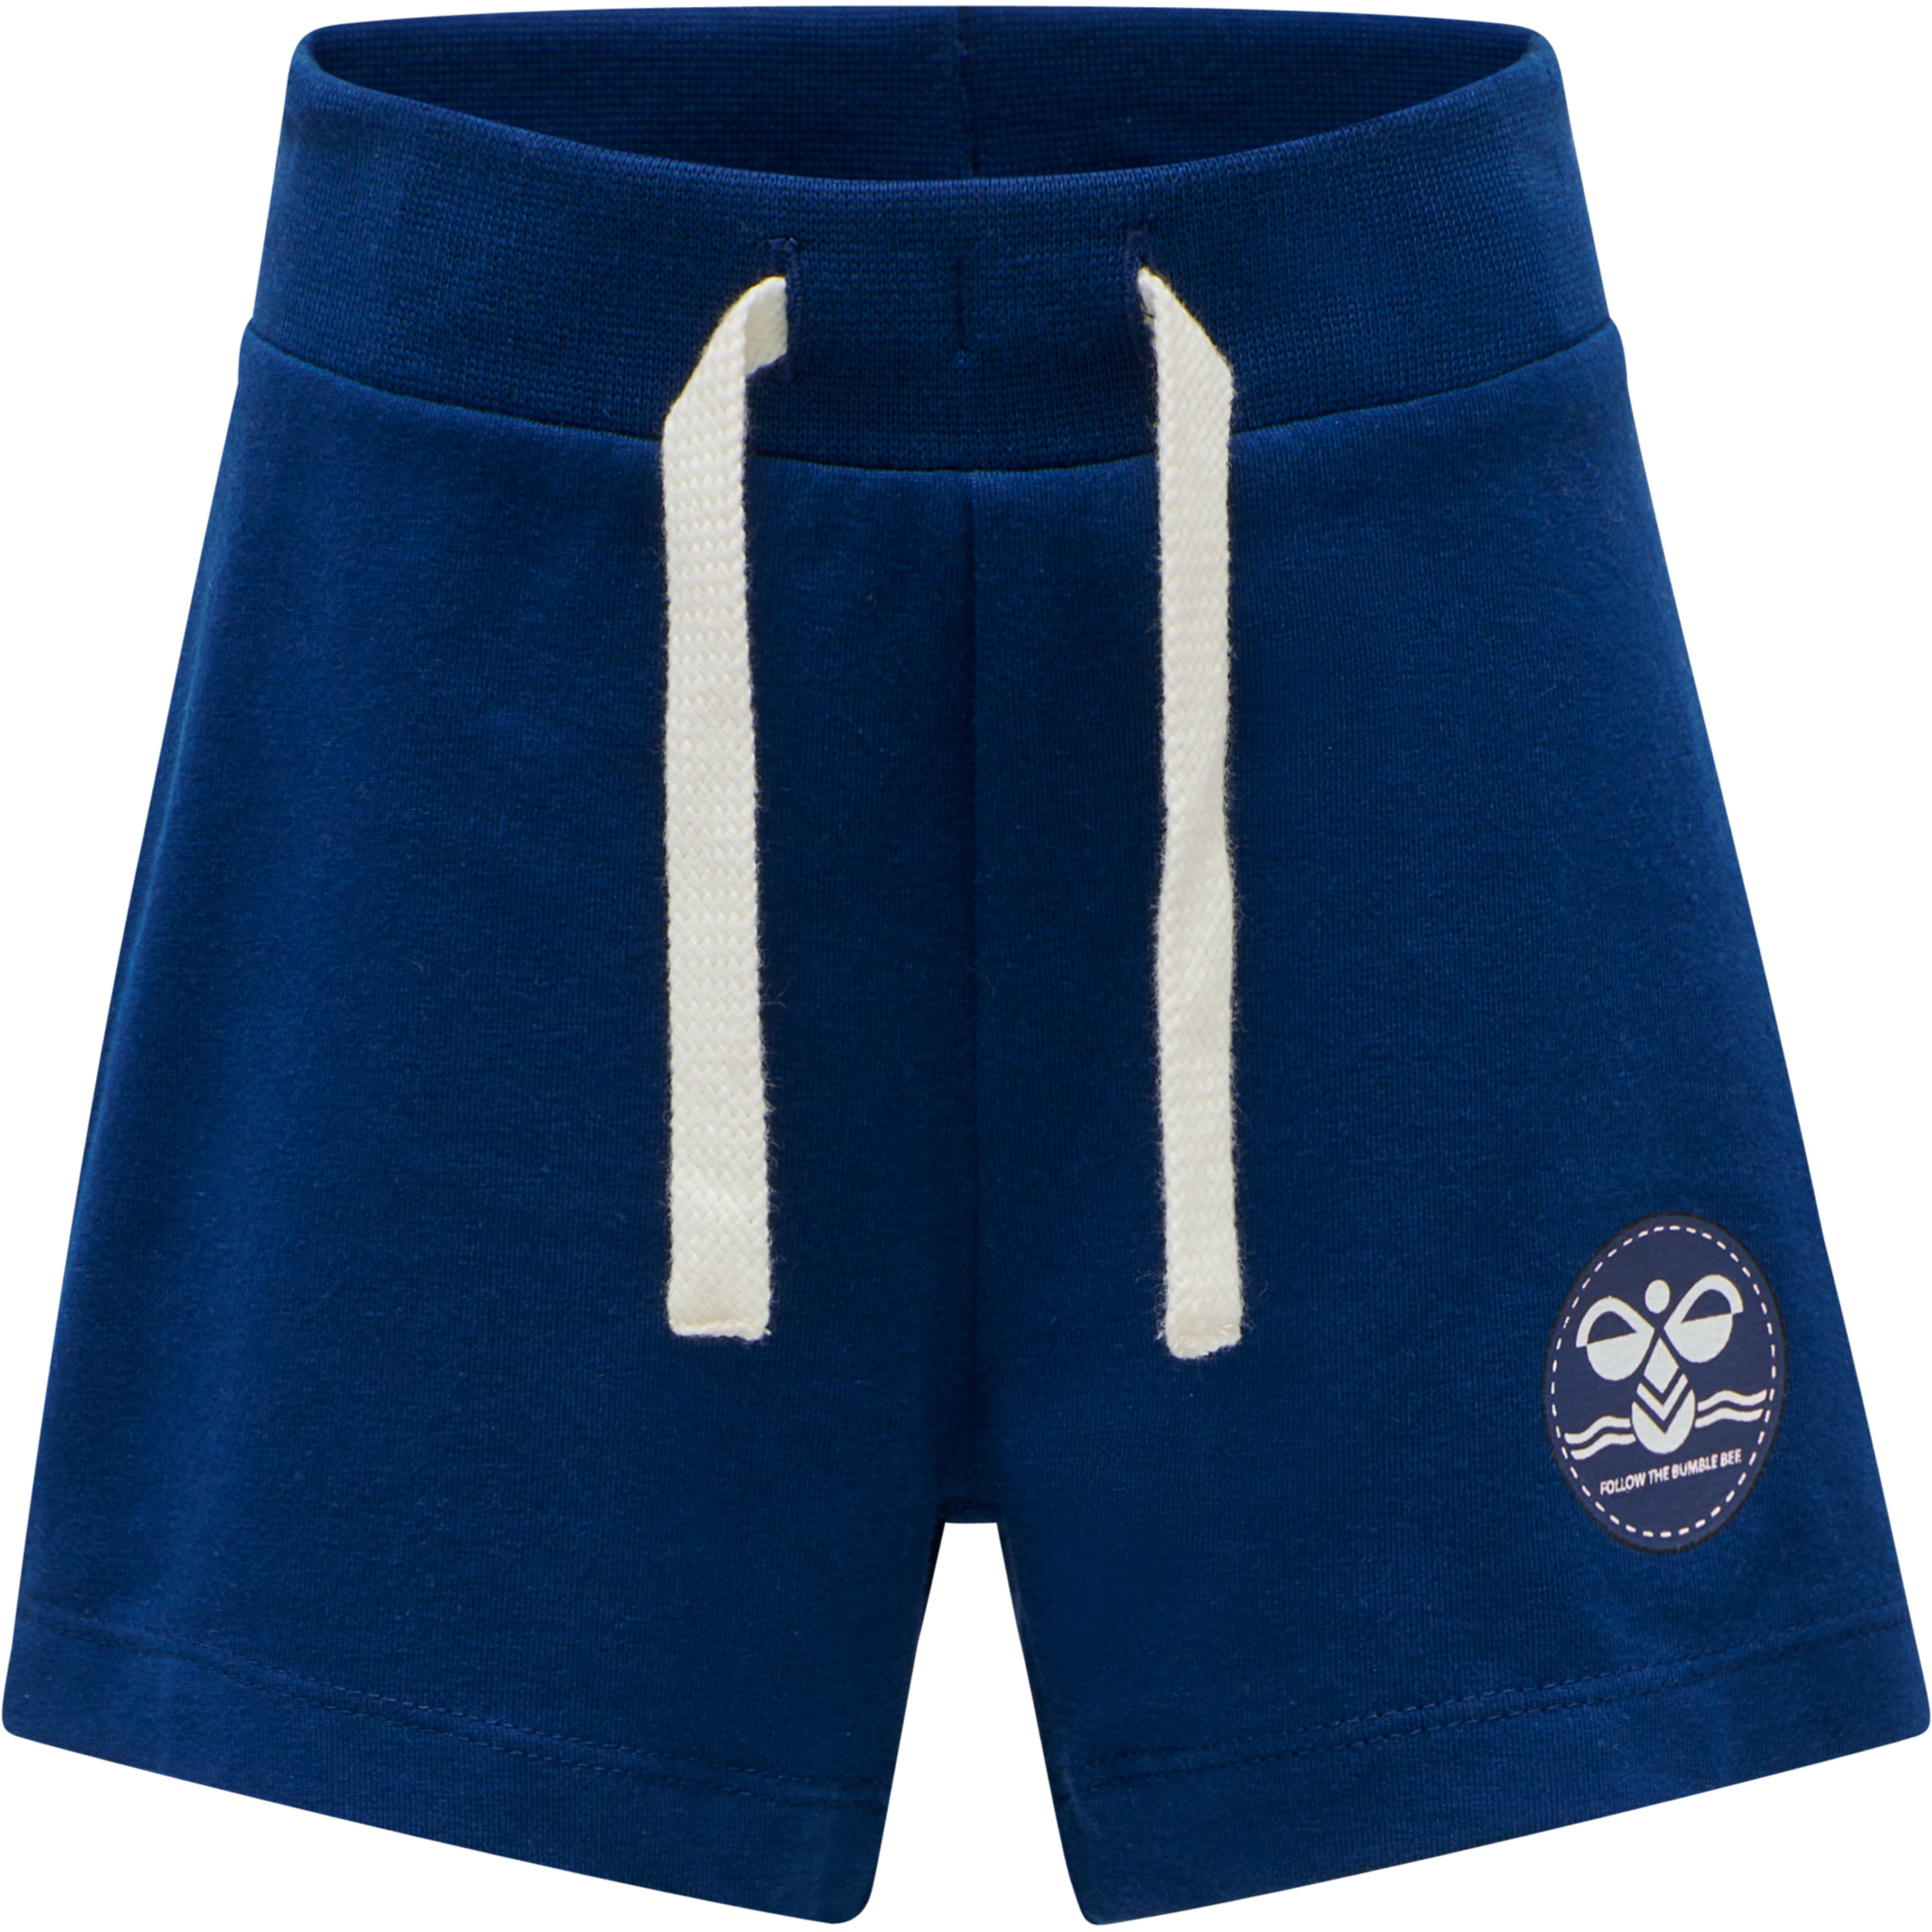 Hummel Alfred shorts